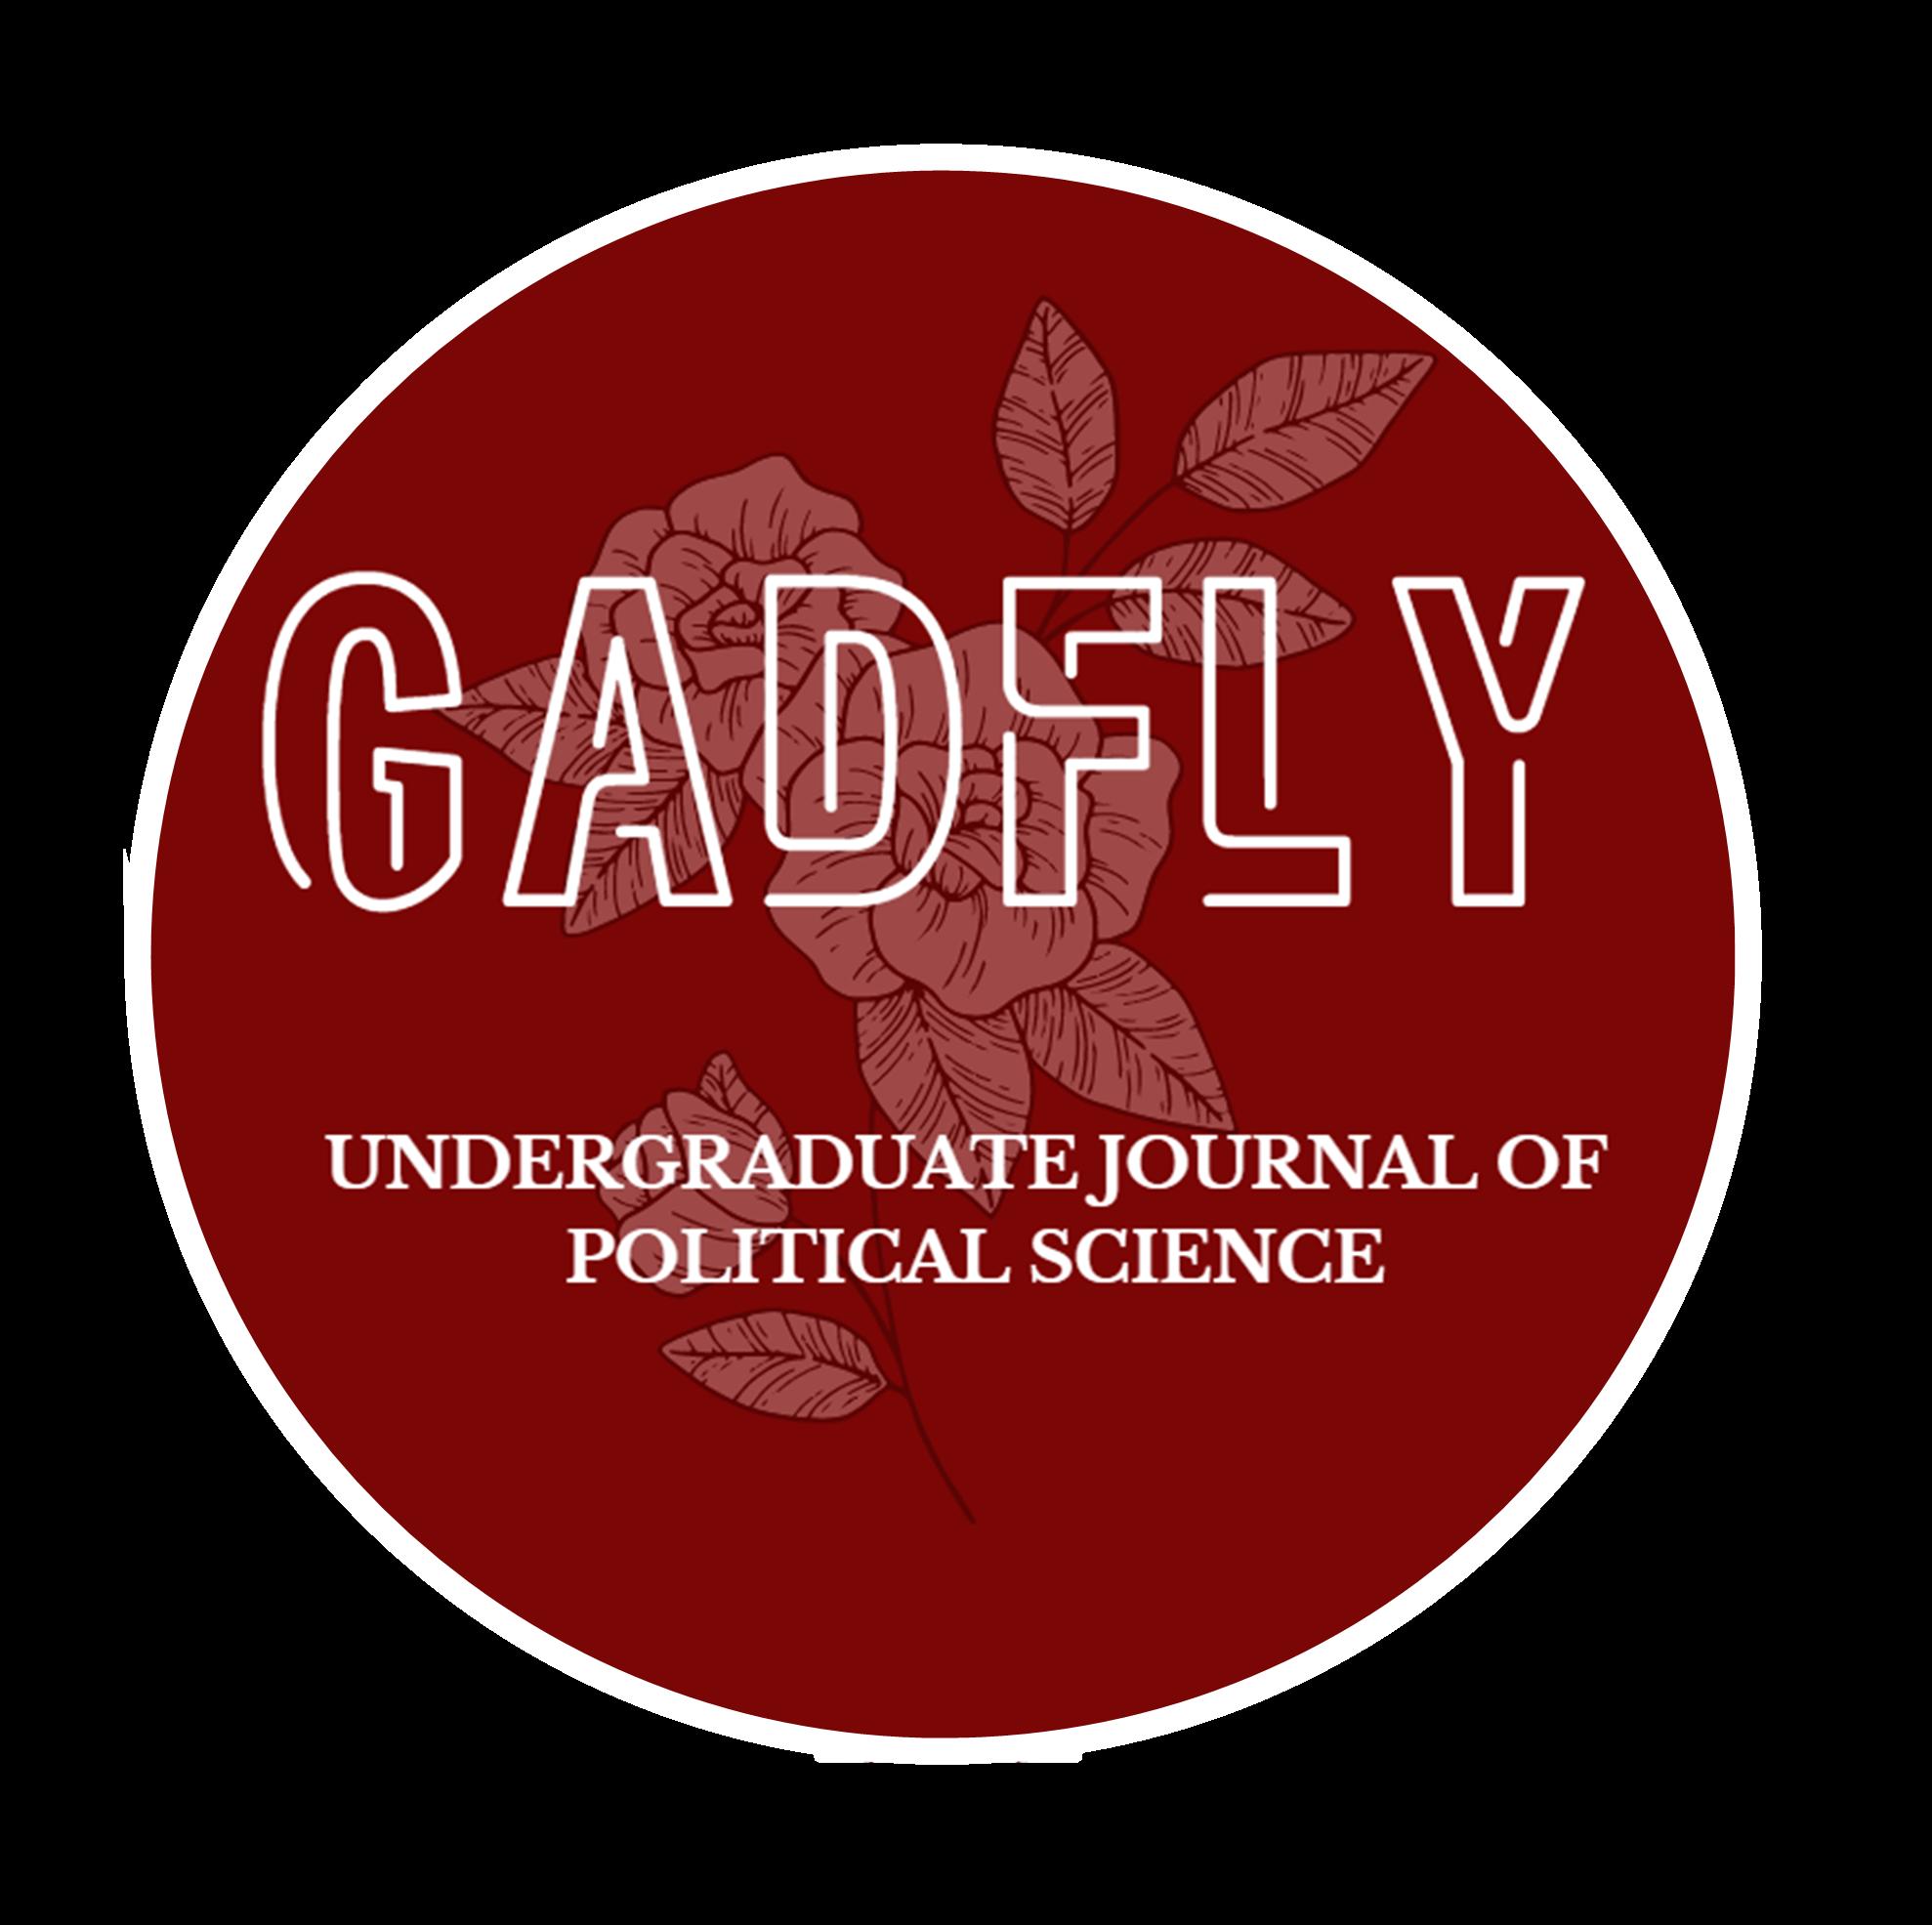 Gadfly Logo